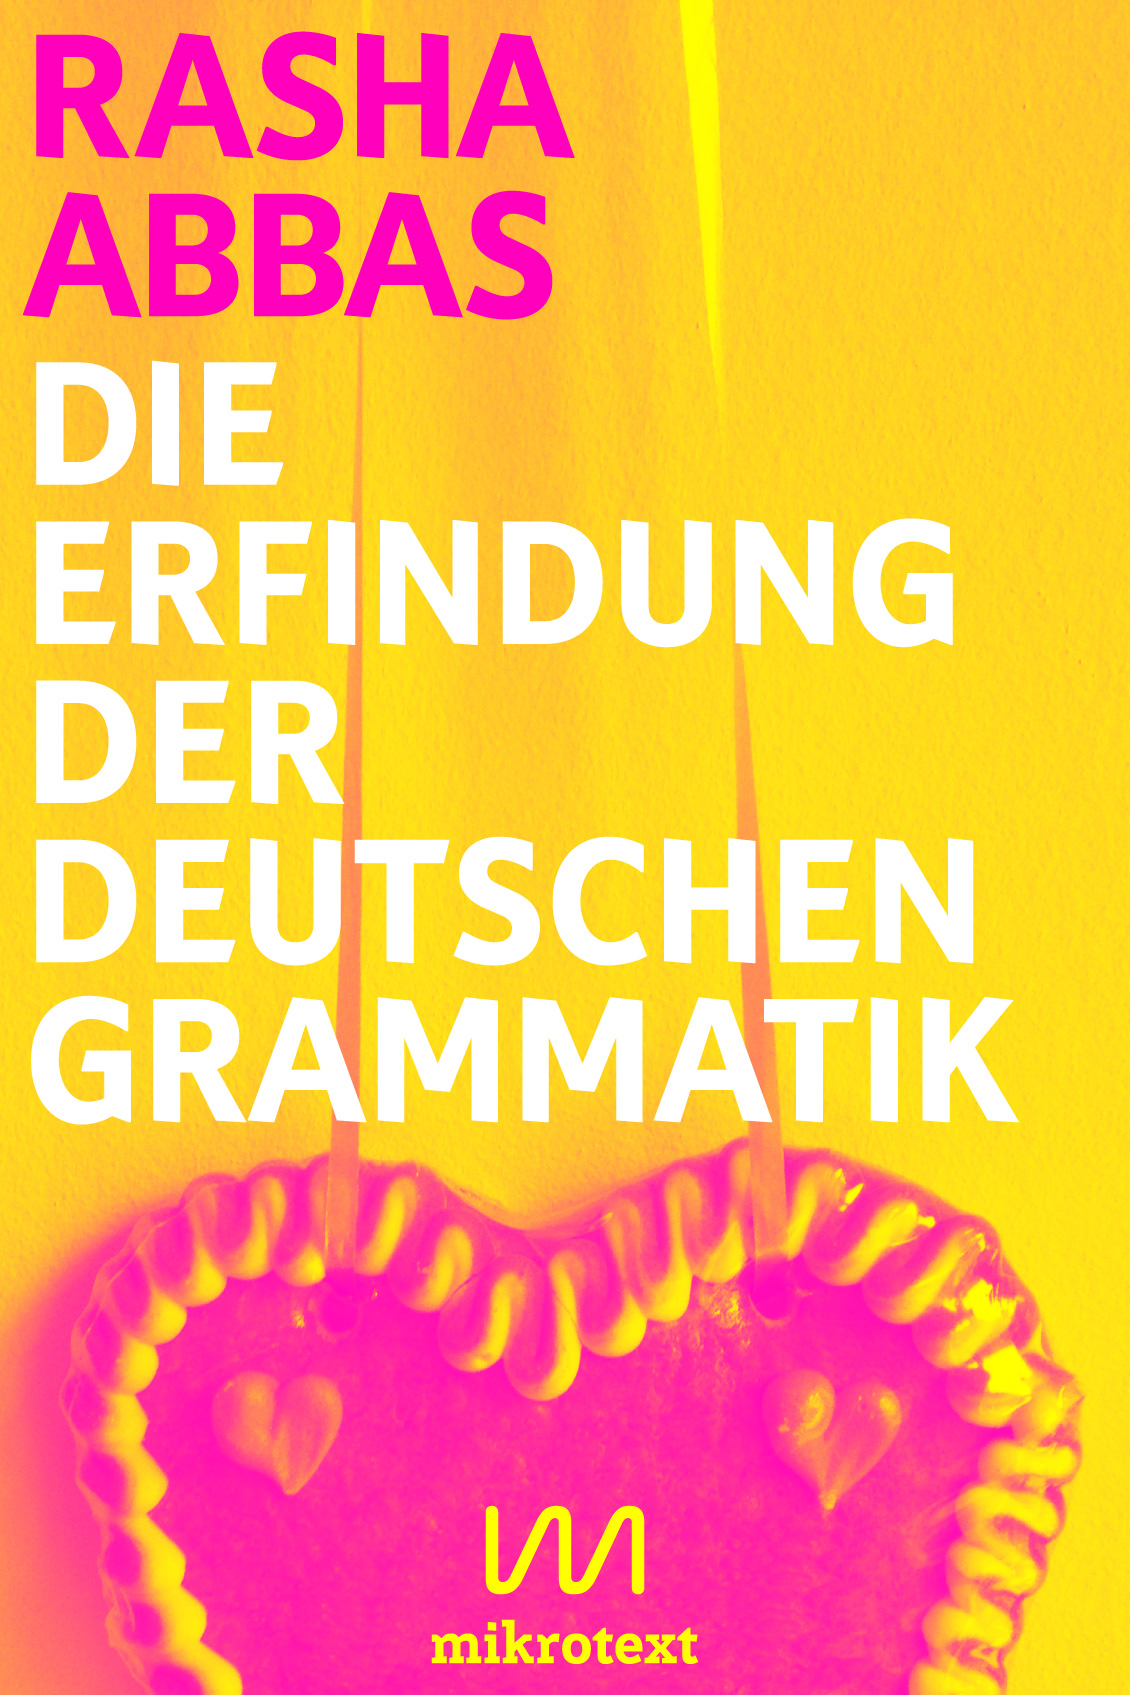 Cover - Rasha Abbas - Die Erfindung der deutschen Grammatik